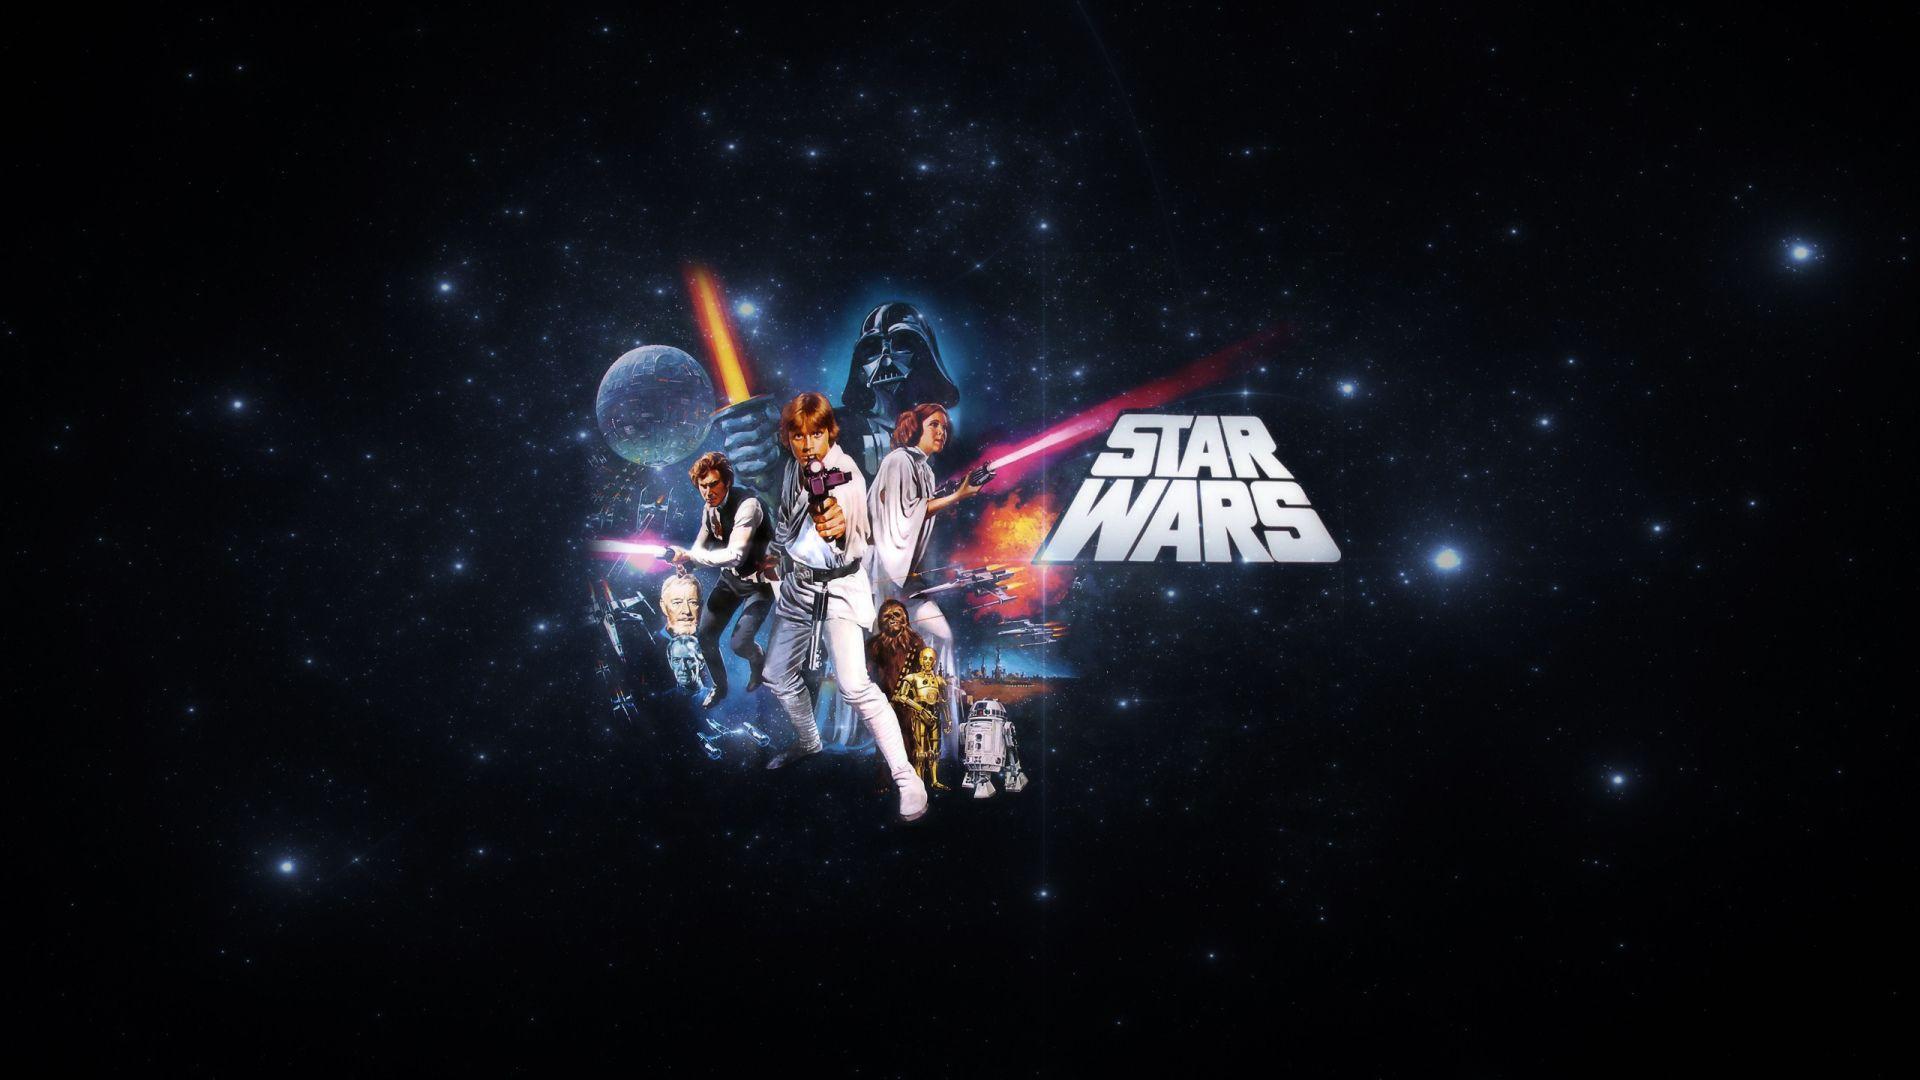 Star Wars Wallpaper 197 Star Wars Illustration Star Wars Wallpaper Darth Vader Wallpaper